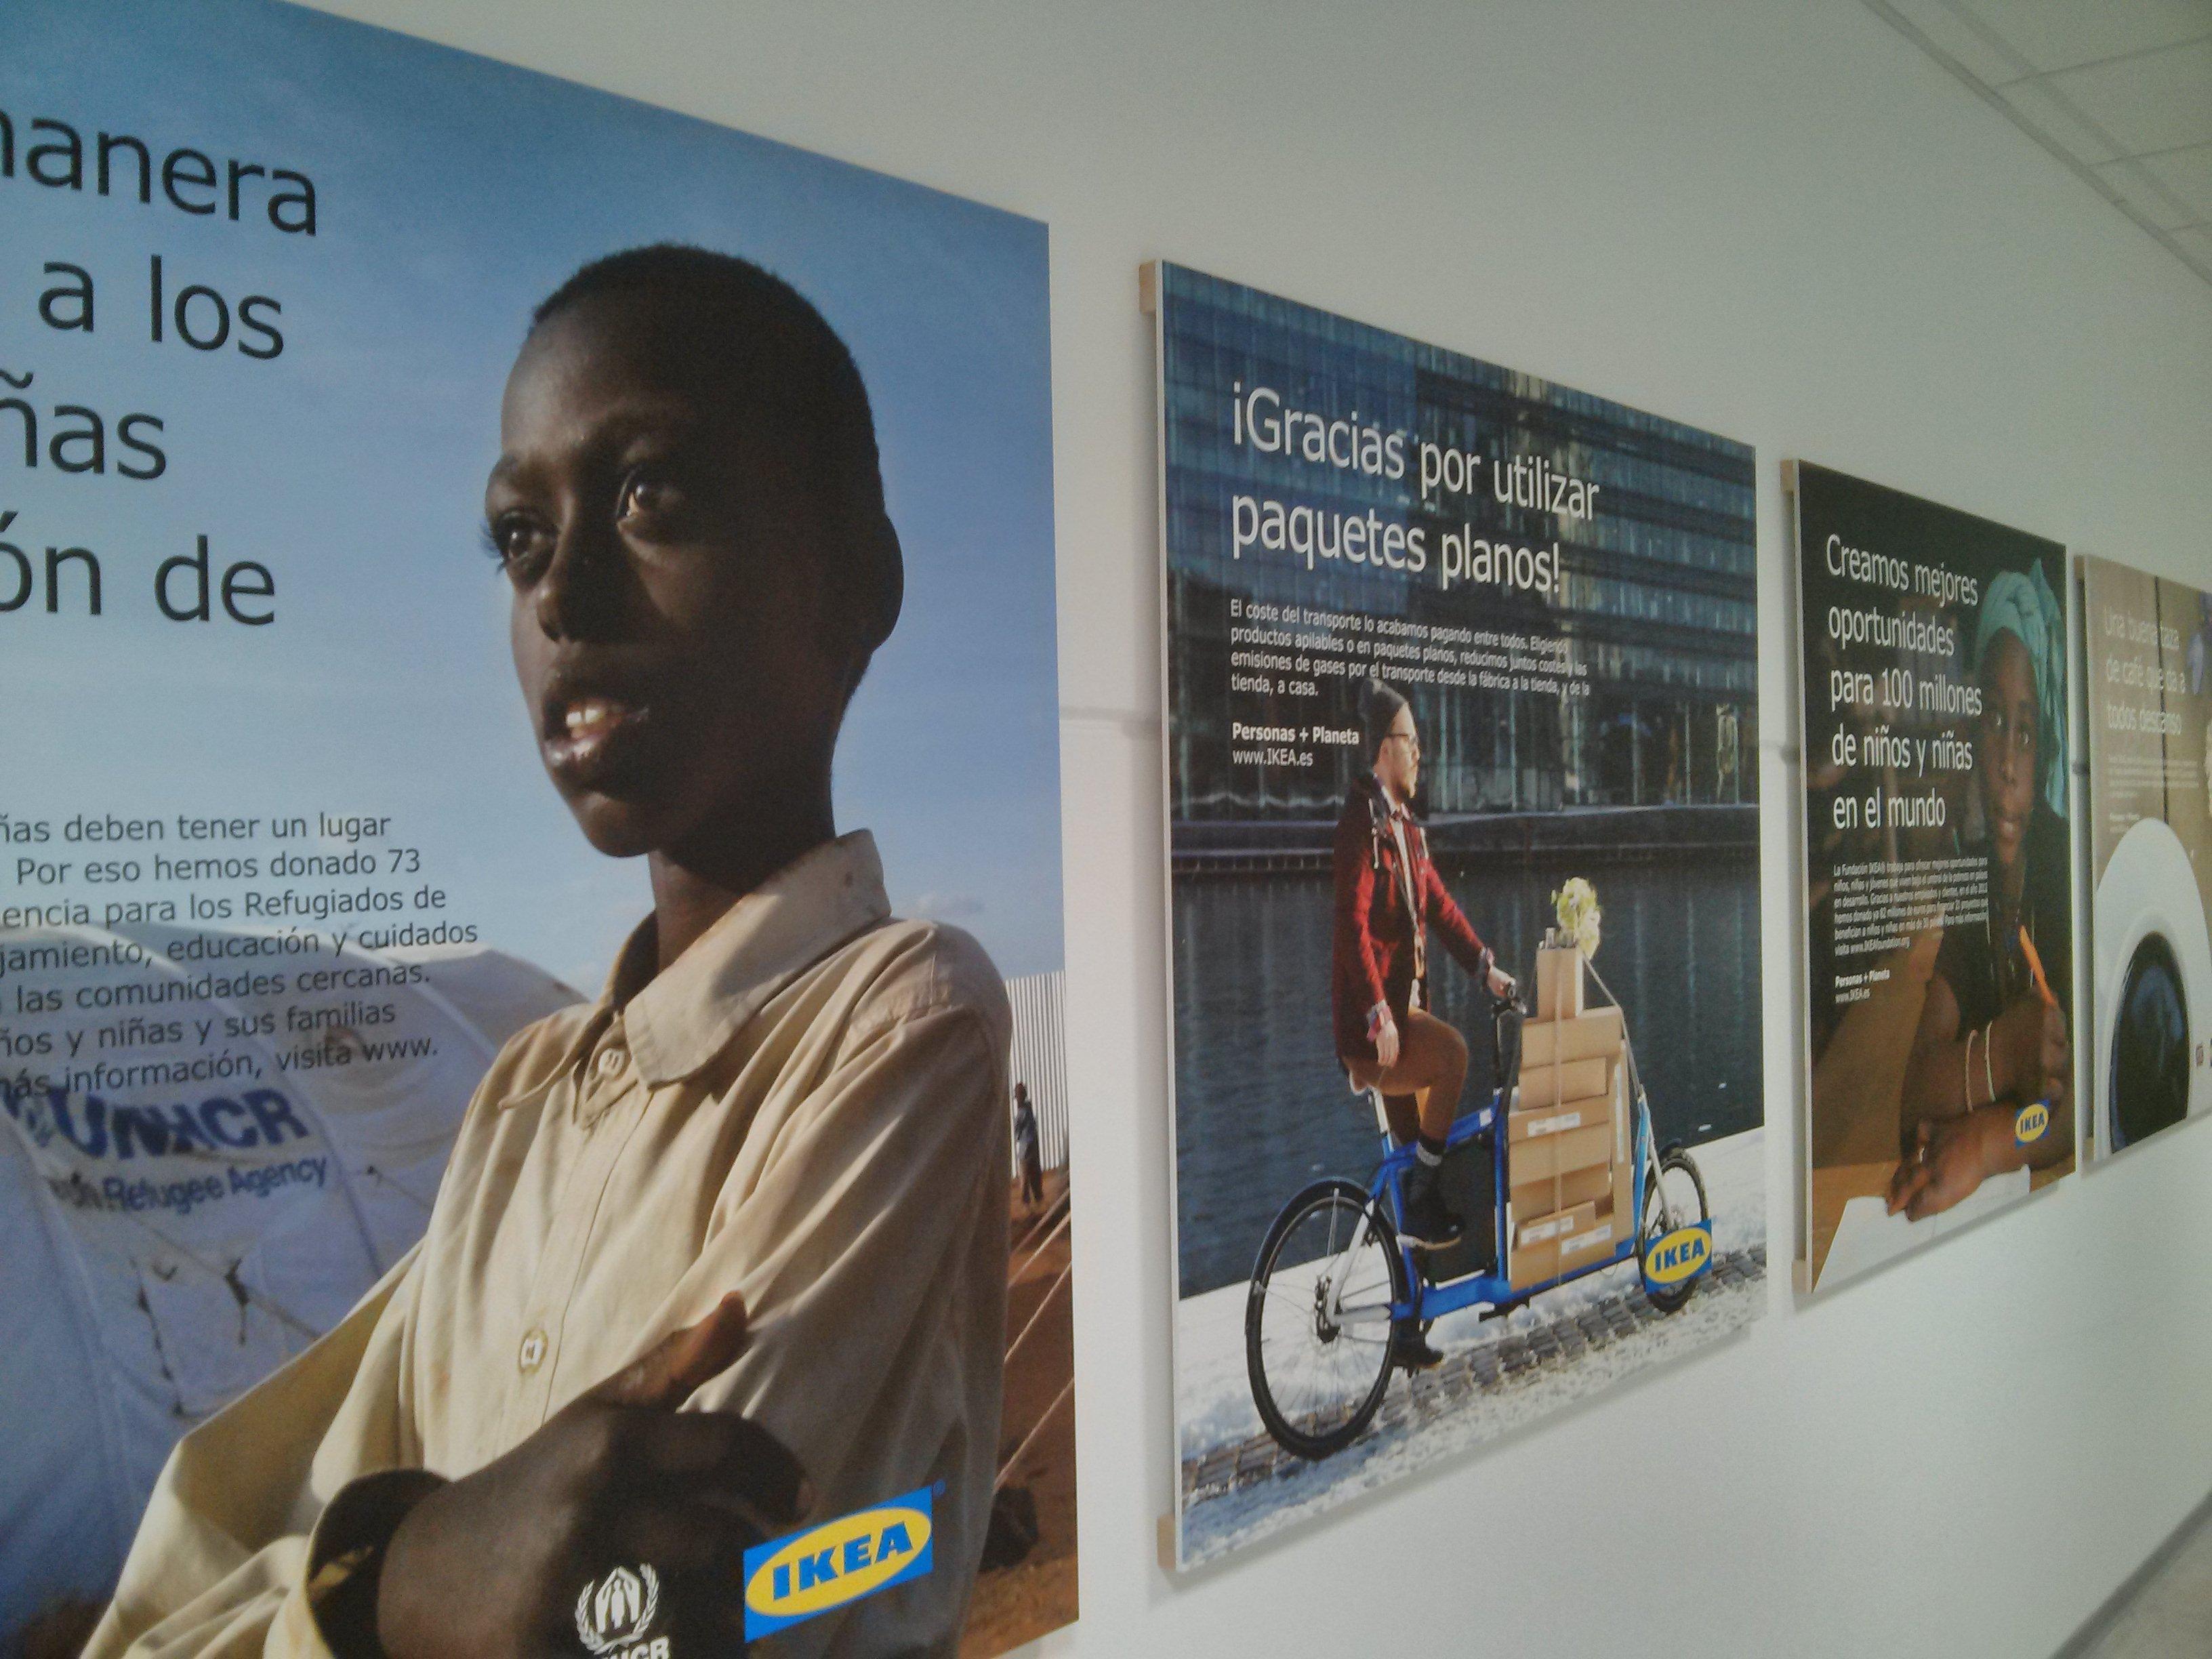 La solidaridad también está presente en el día a día a través de la Fundación Ikea